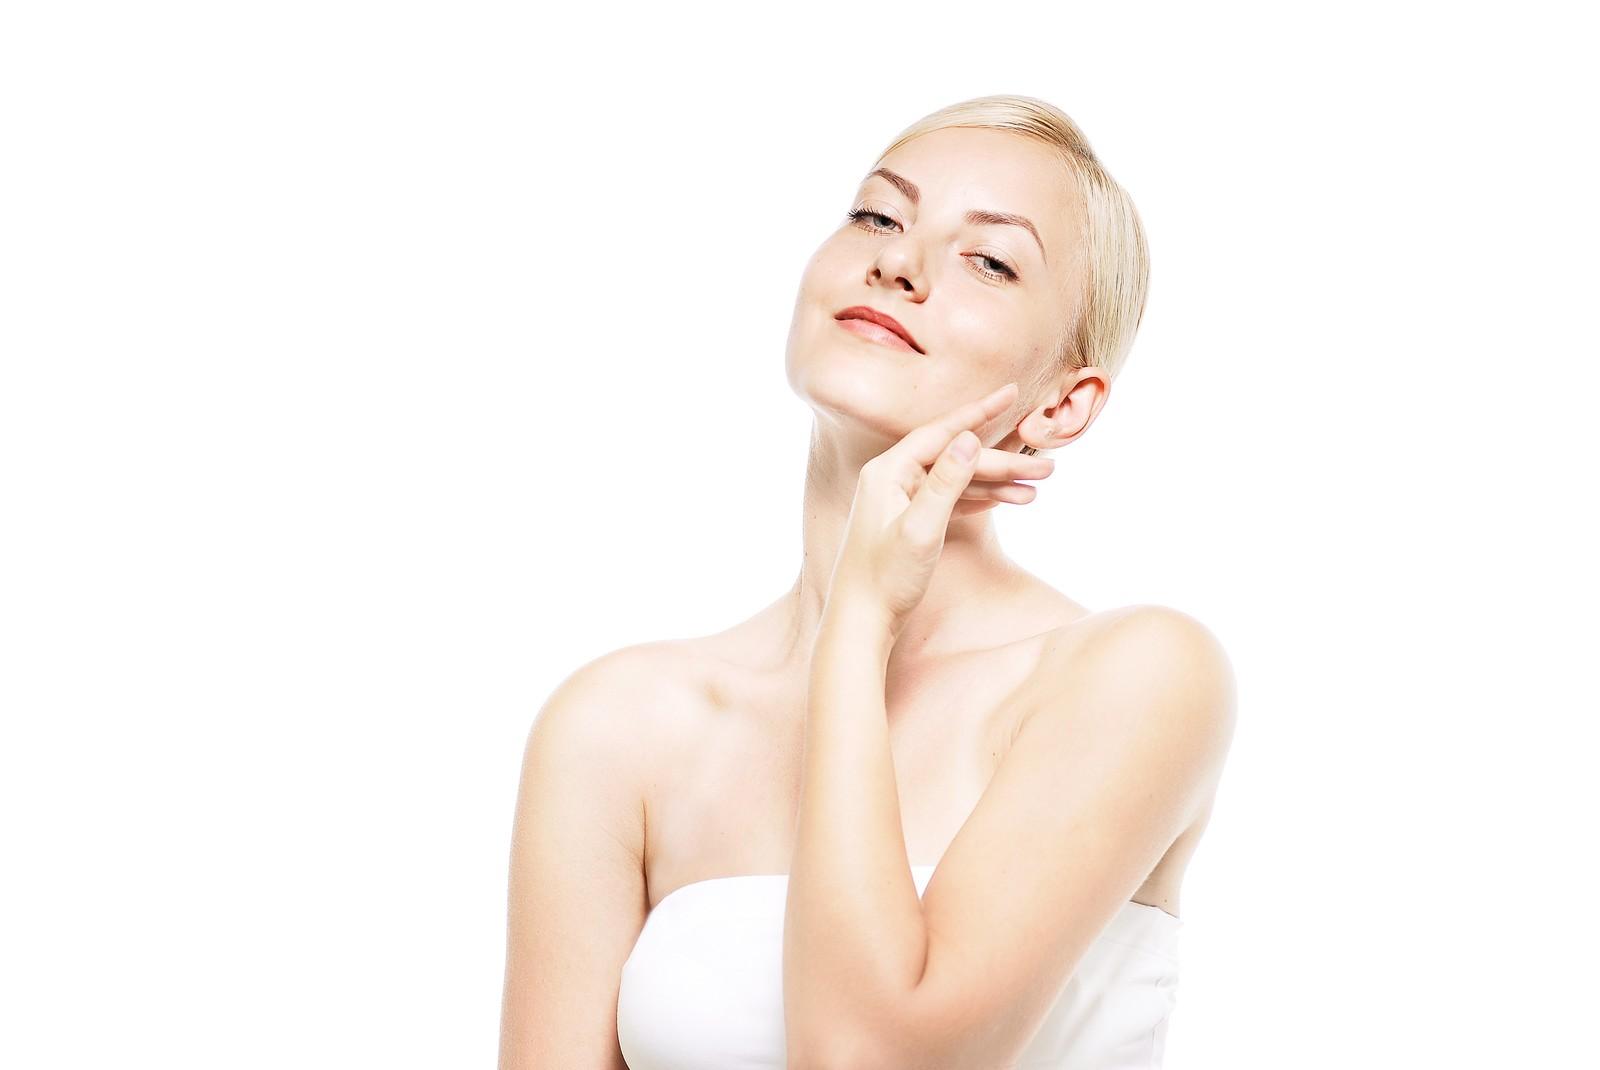 【美容】最高のスキンケアに必要なのは日焼け止めと保湿剤【顔周り】